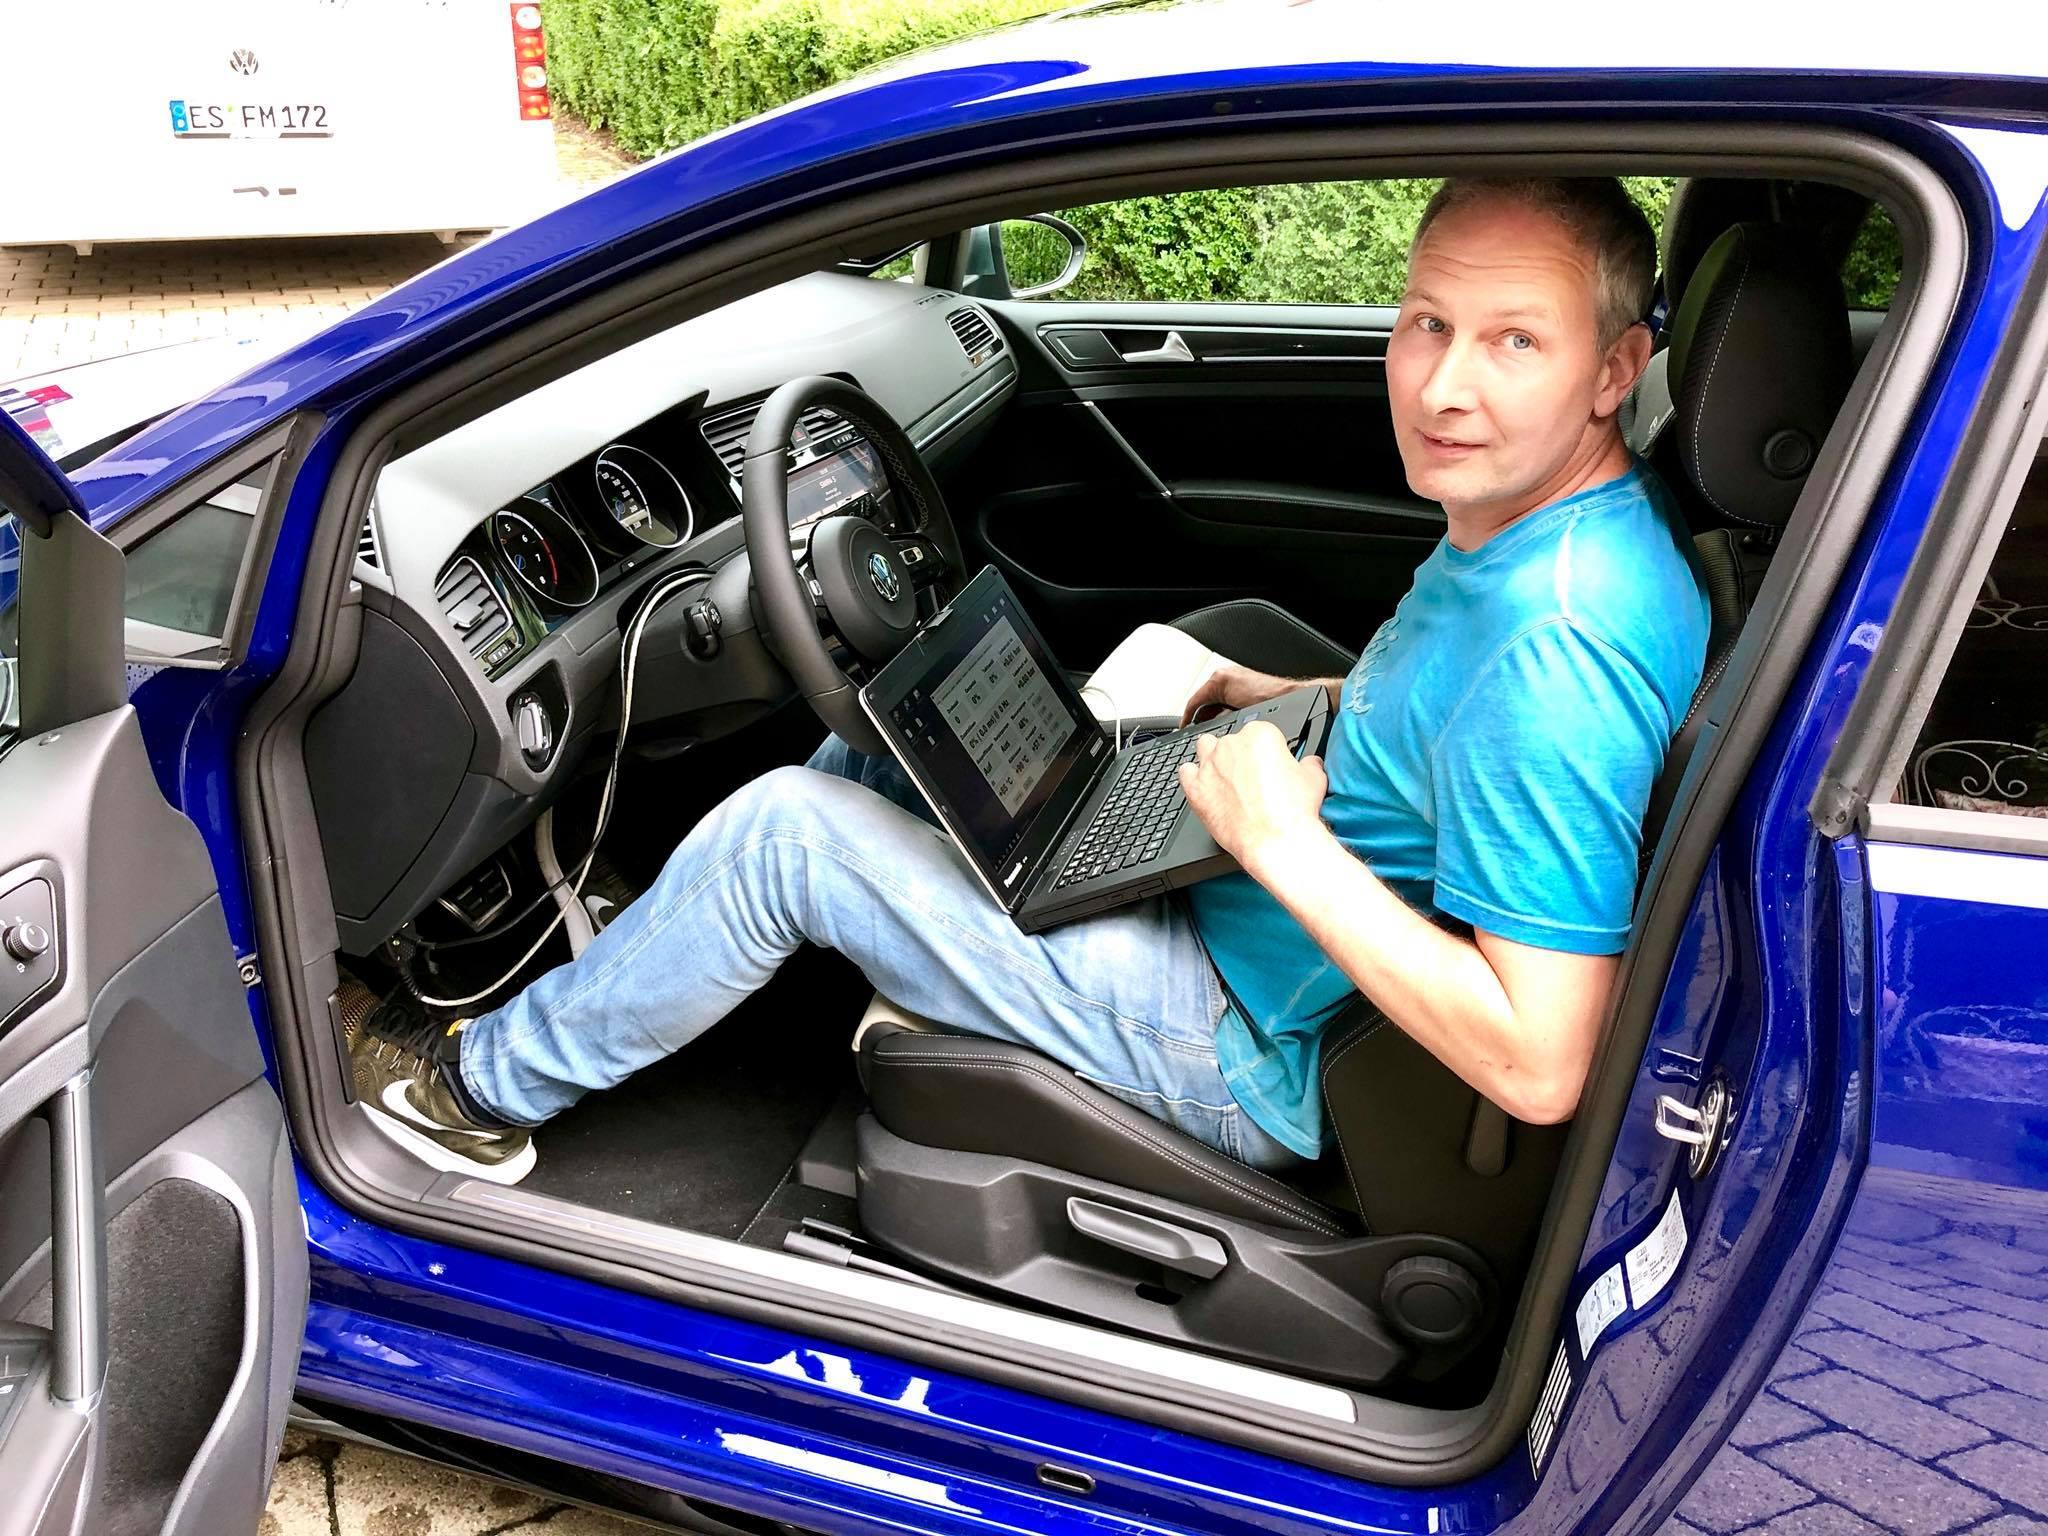 Duitsers tunen Volkswagen Golf R7 naar 740 pk 05 1